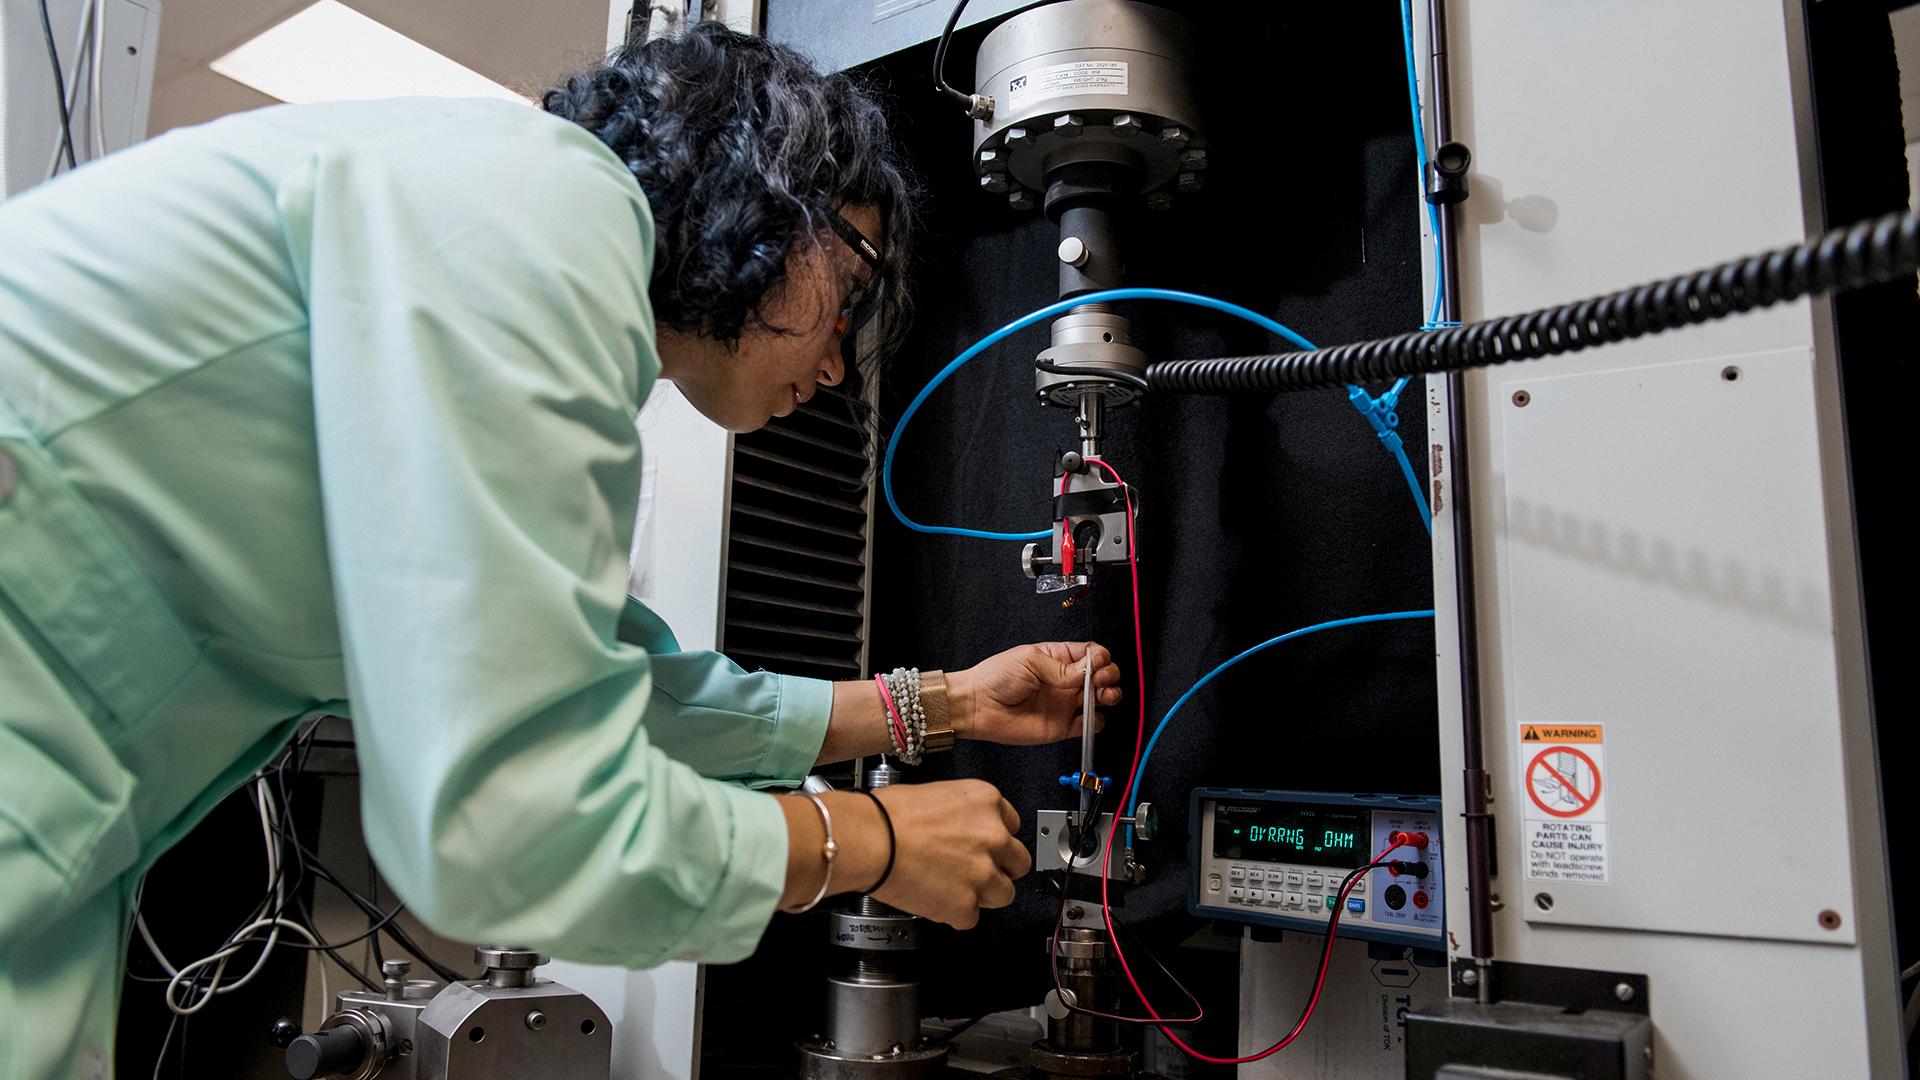 Tetramer Technologies